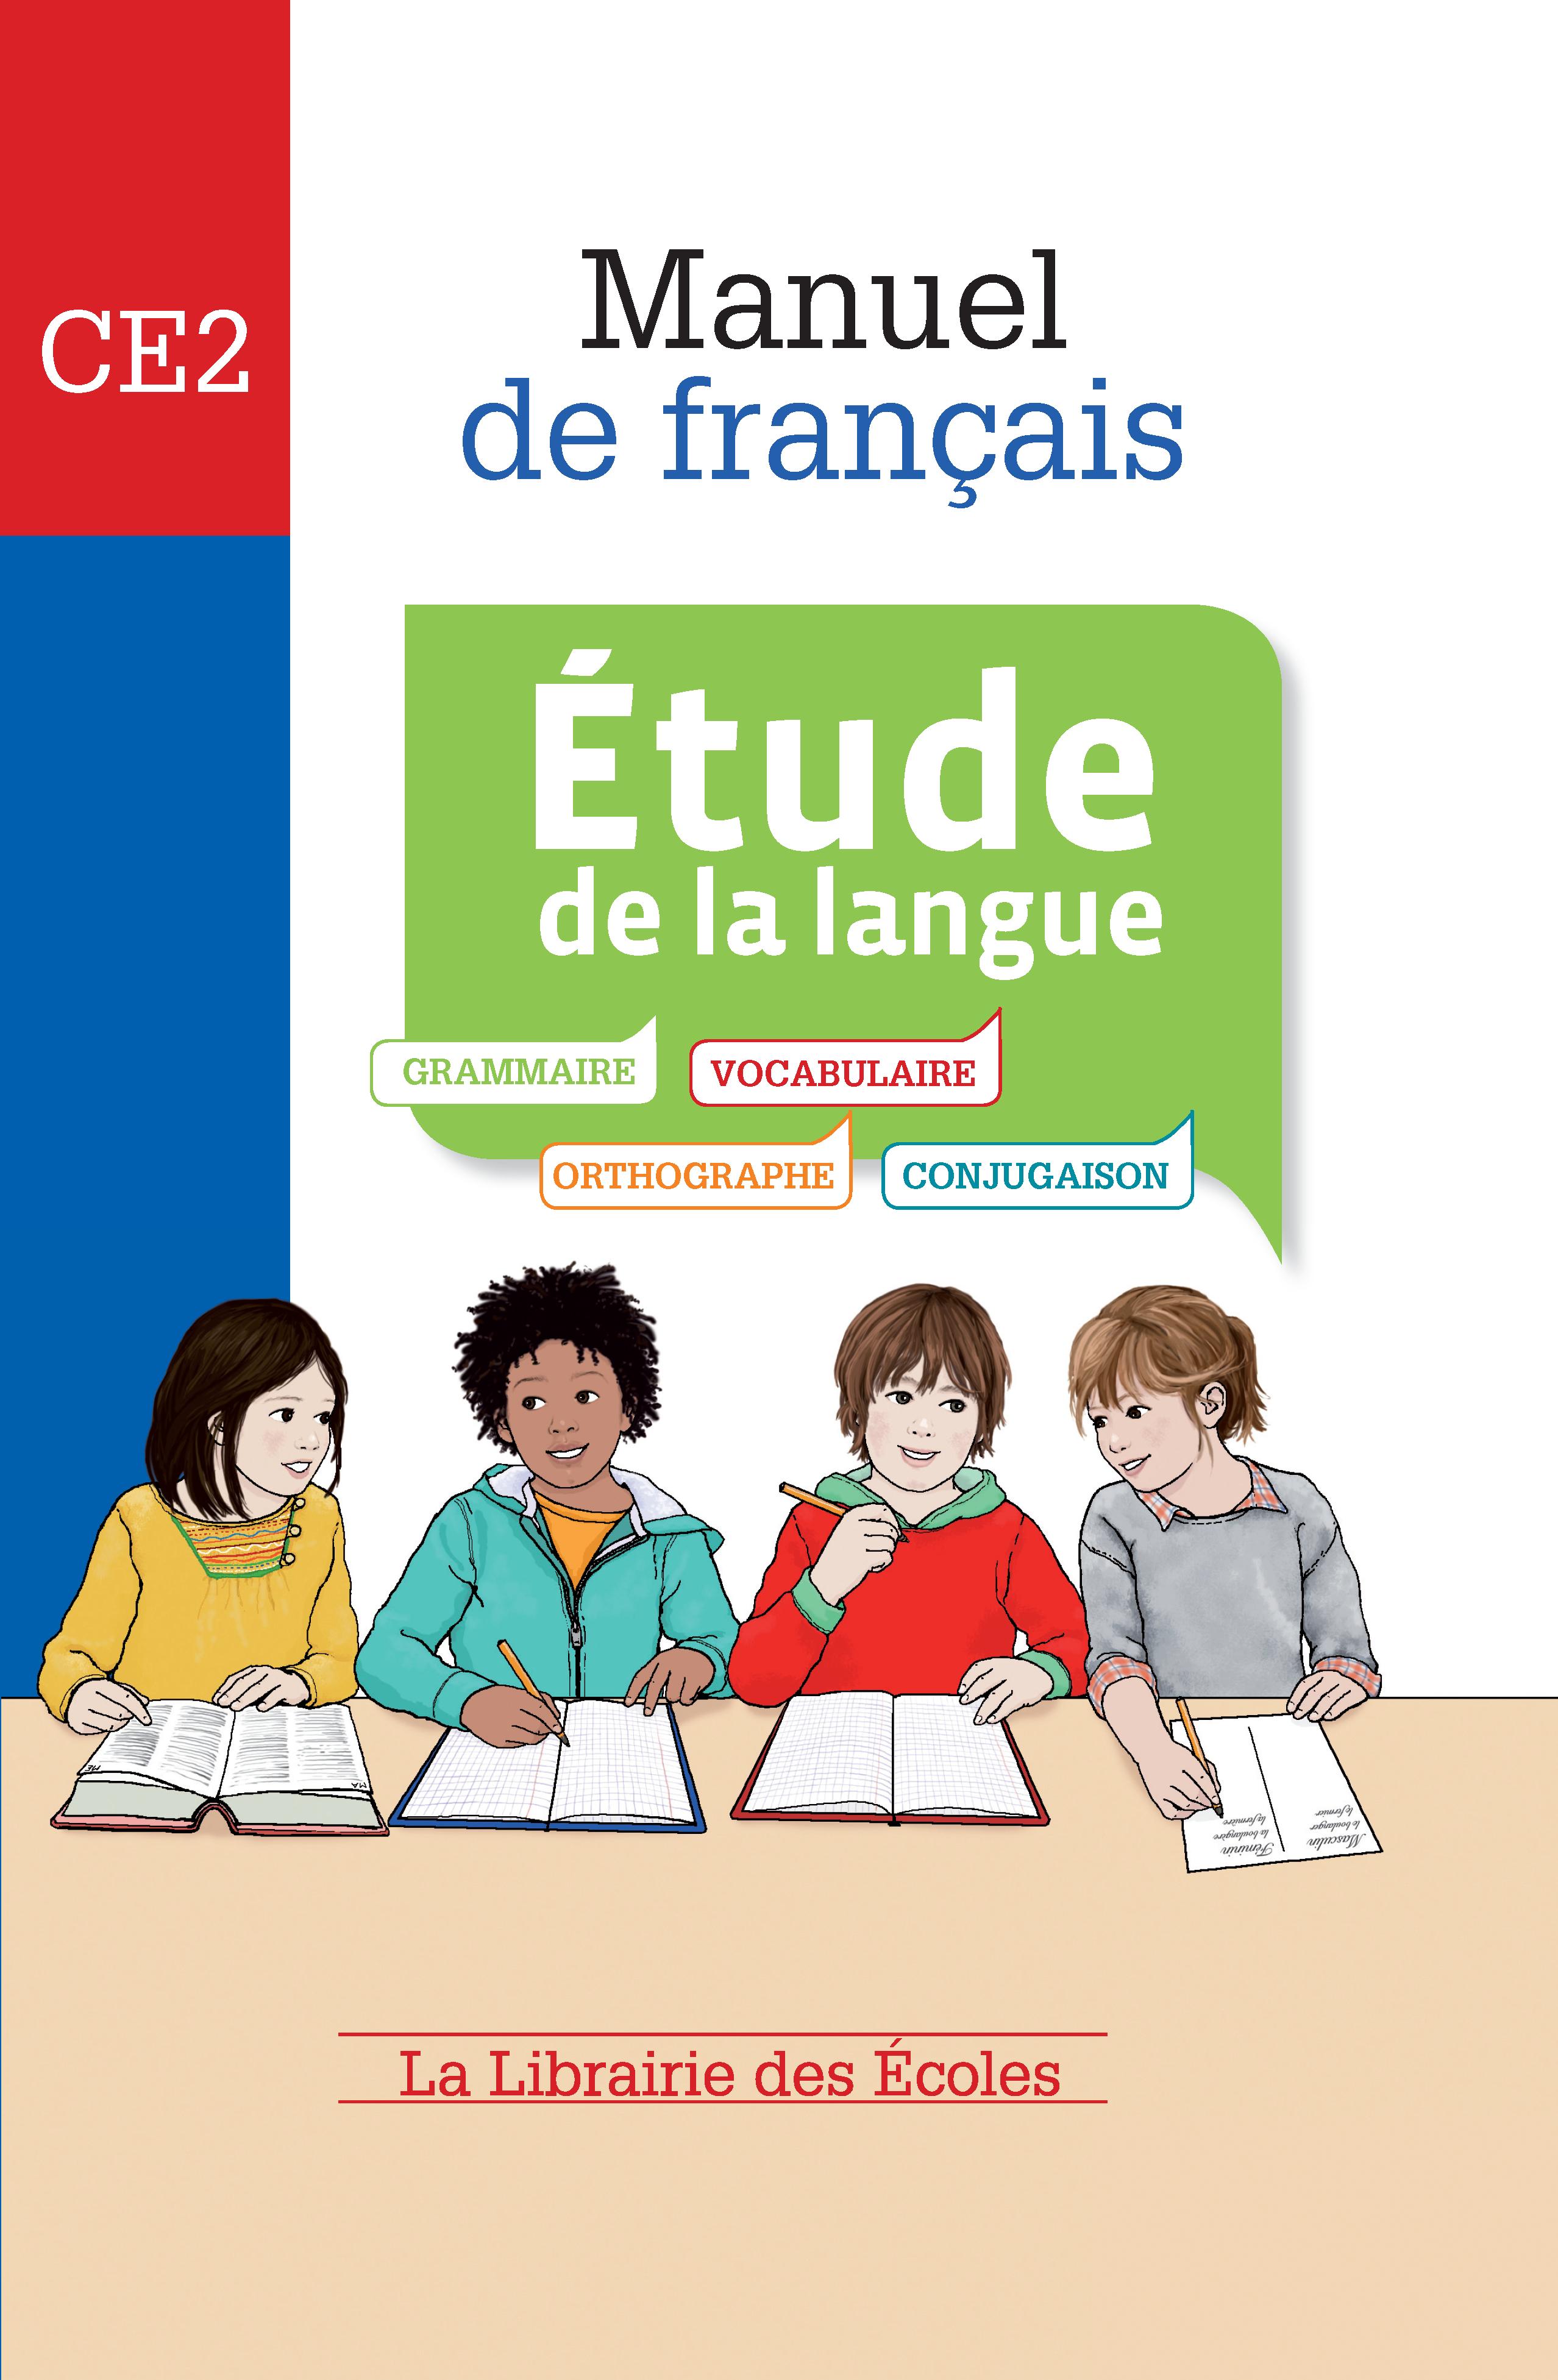 manuel de fran u00e7ais ce2 -  u00c9tude de la langue